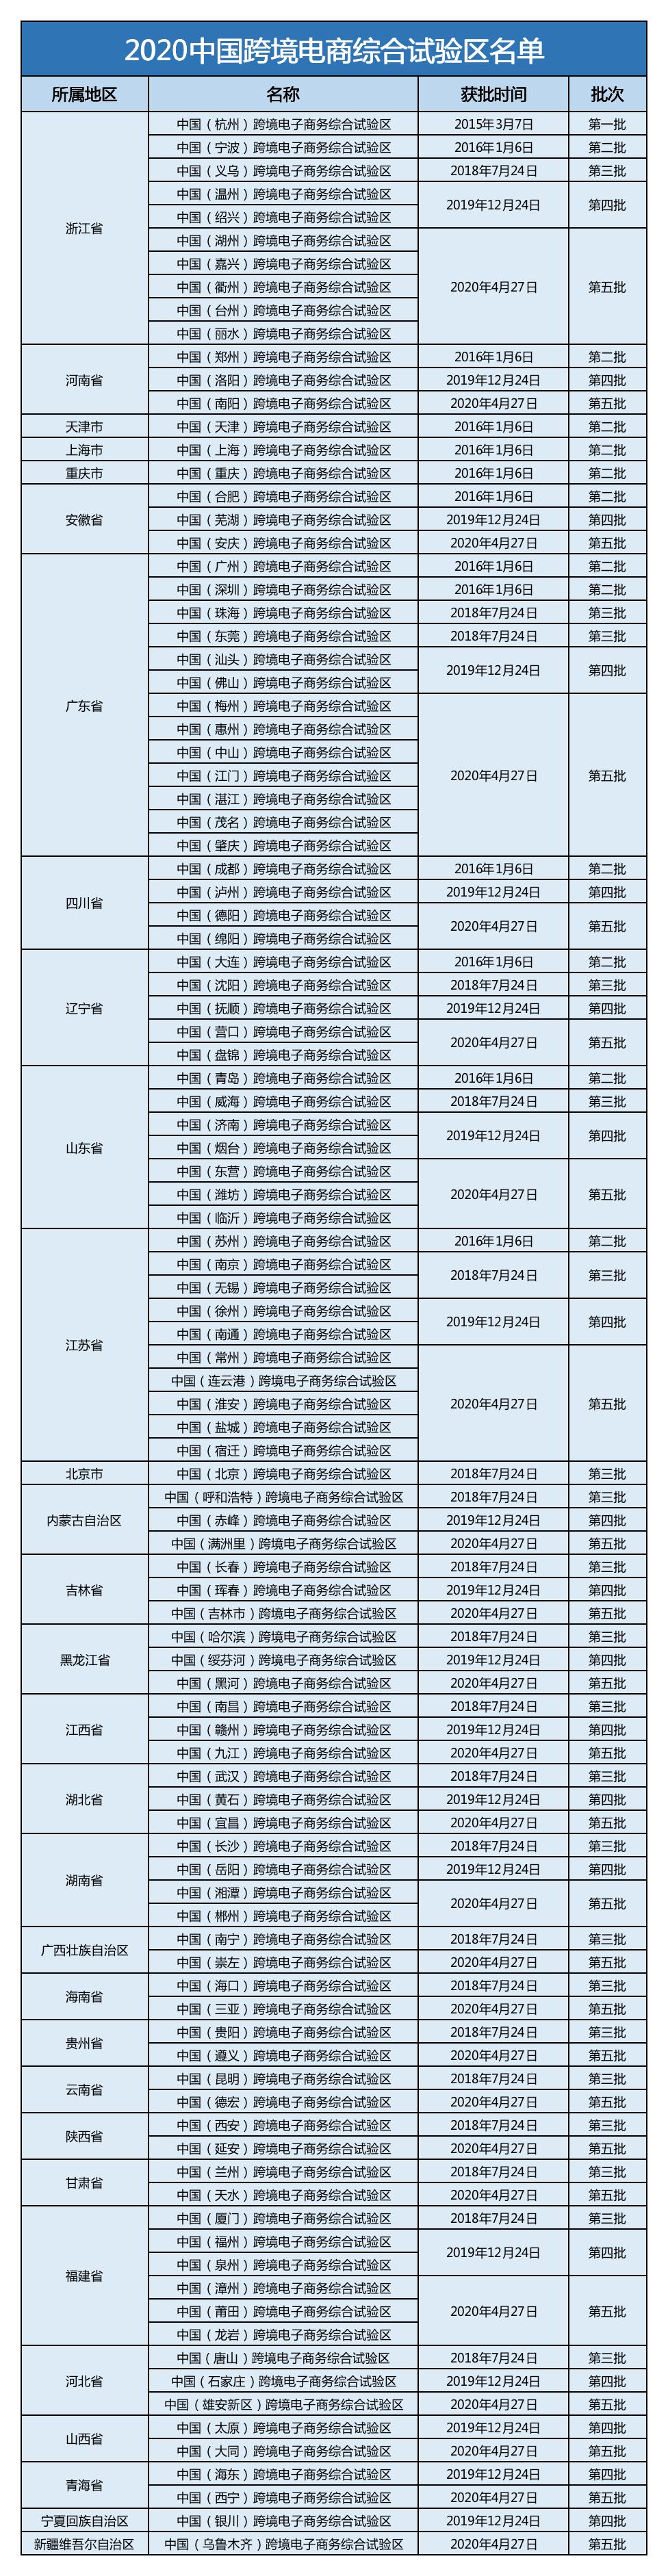 2020年跨境电商综合示范区名单